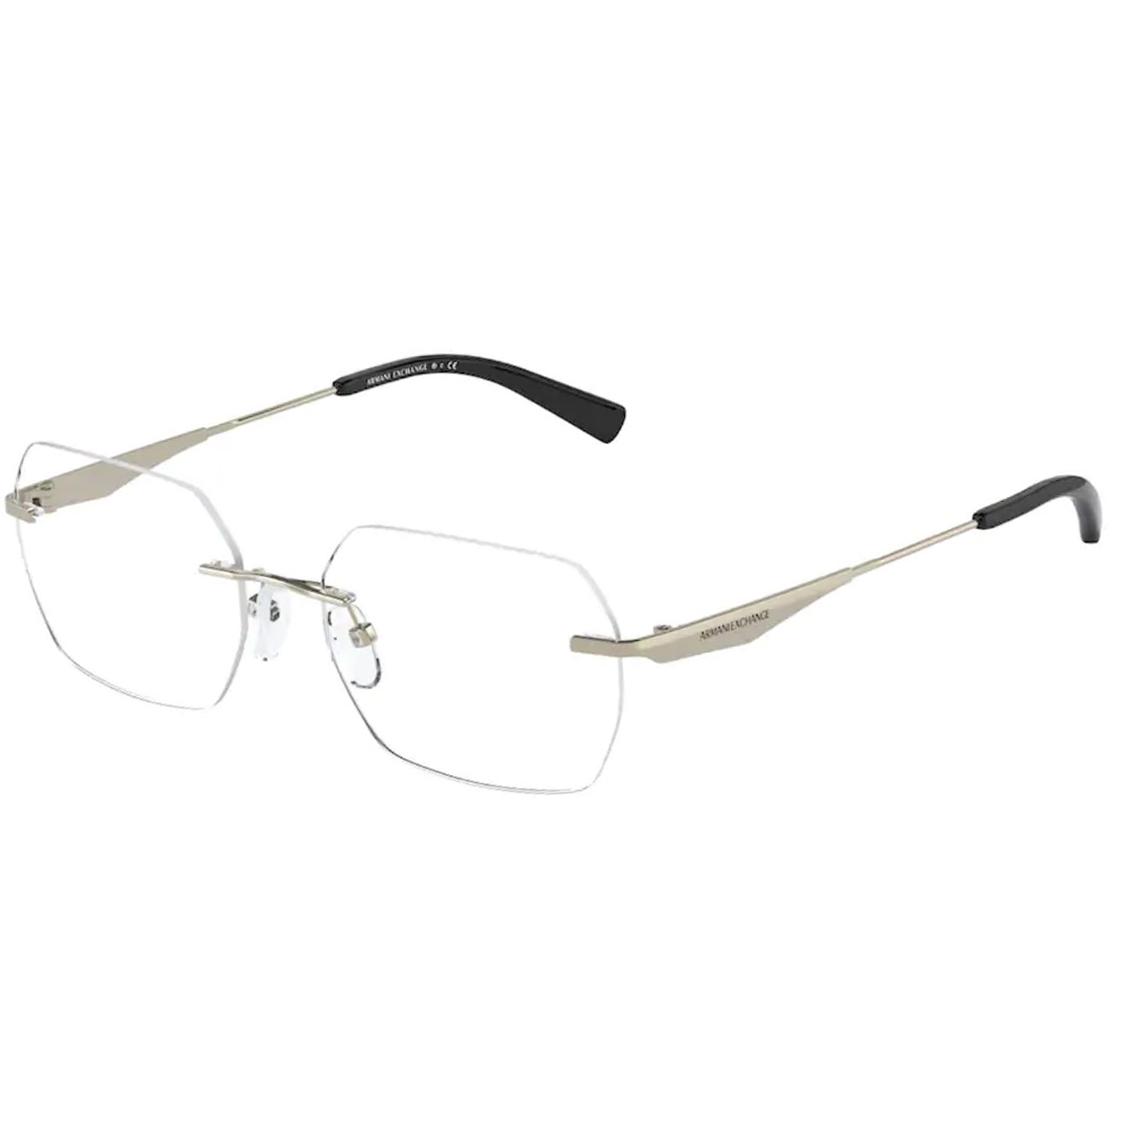 Óculos de Grau Feminino Armani Exchange Parafusado AX1047 Dourado